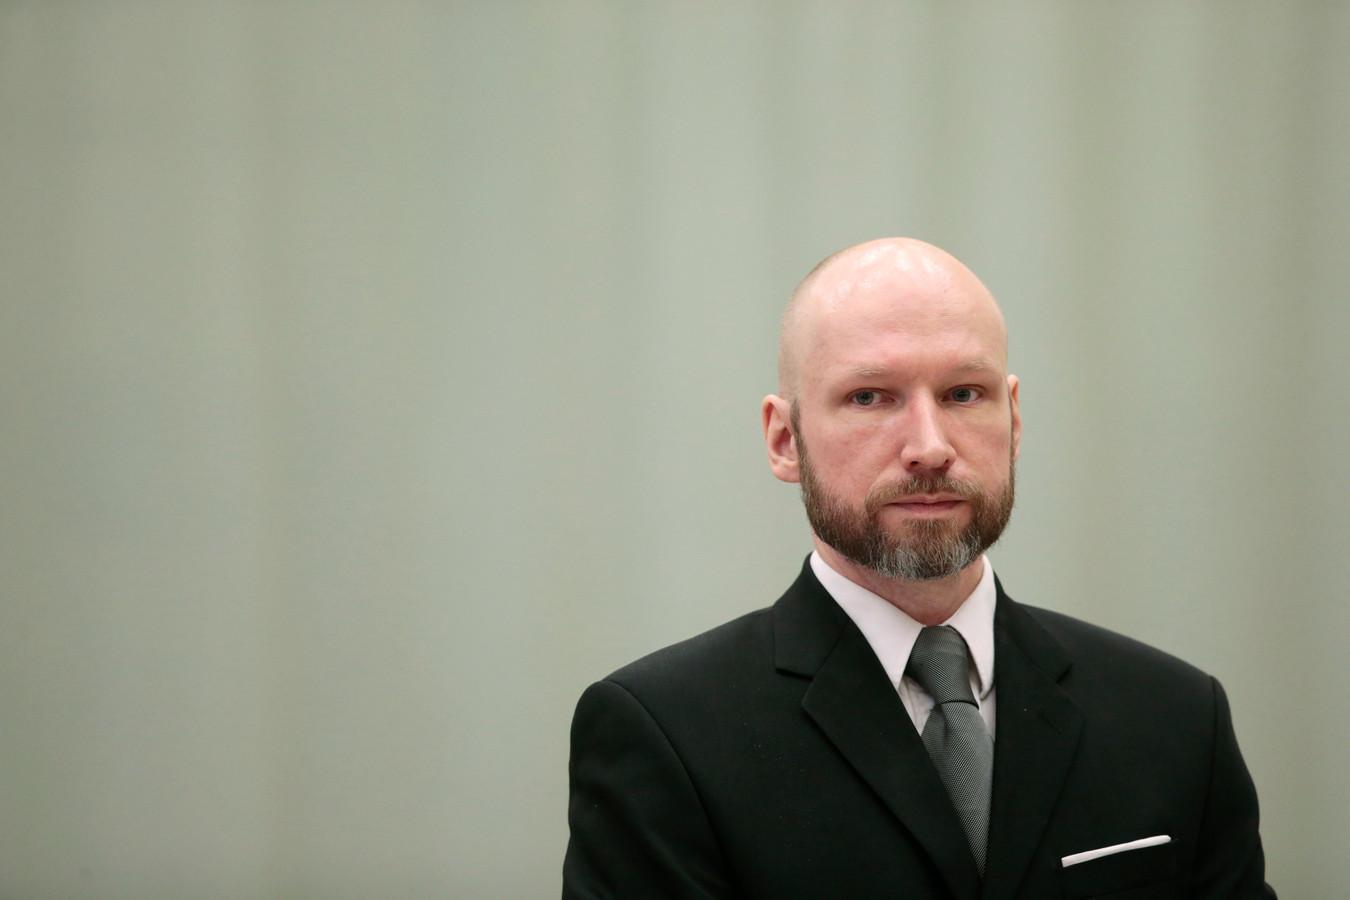 Déguisé en policier et armé d'un fusil semi-automatique Ruger Mini-14 et d'un pistolet Glock, Breivik avait fauché 69 personnes, des adolescents pour la plupart, en ouvrant le feu pendant près d'une heure et quart contre un camp d'été de la Jeunesse travailliste, le 22 juillet 2011.